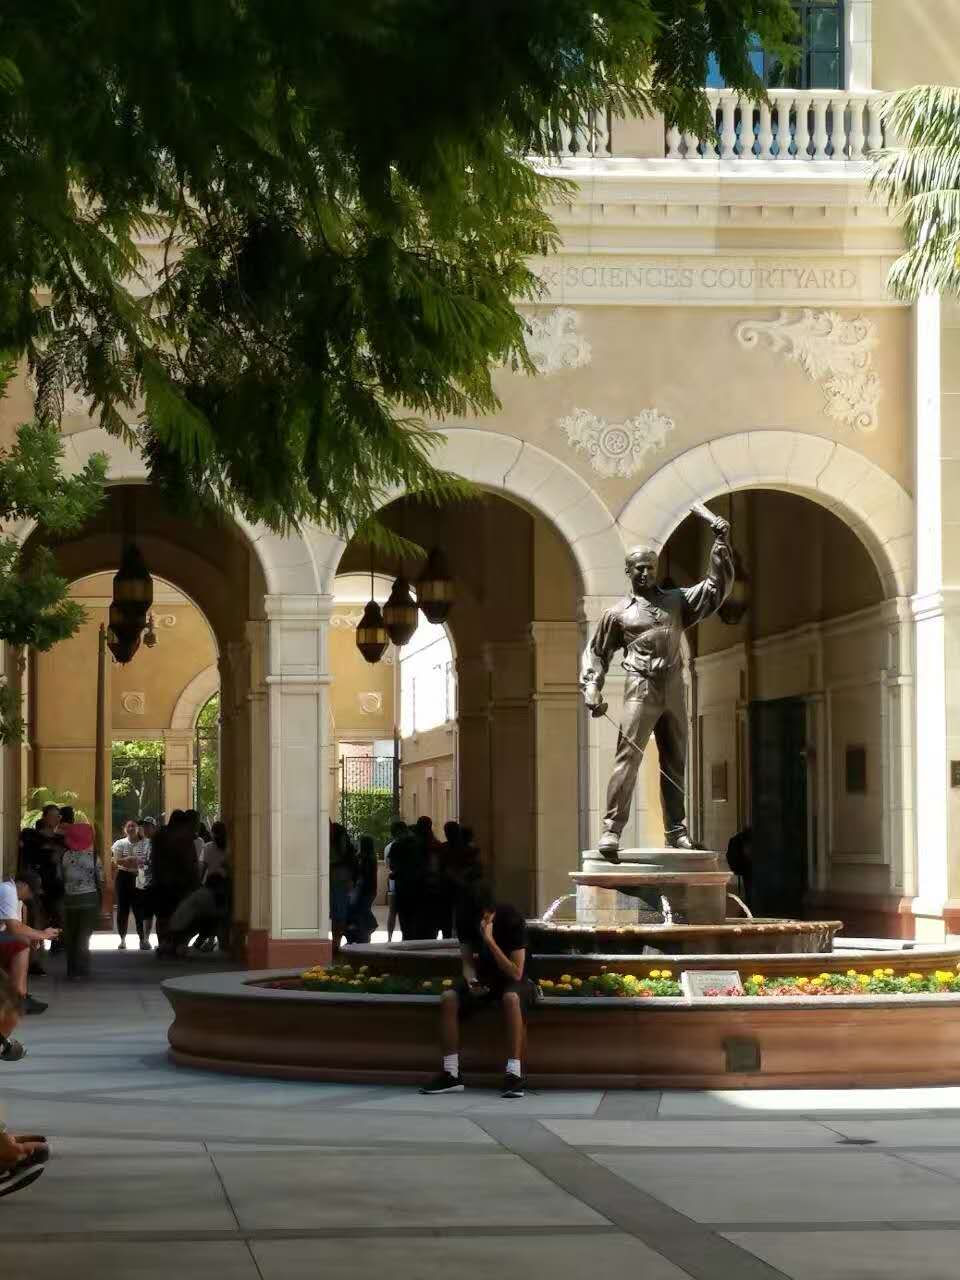 美高背景低分逆袭,南加州大学offer惊喜到来!